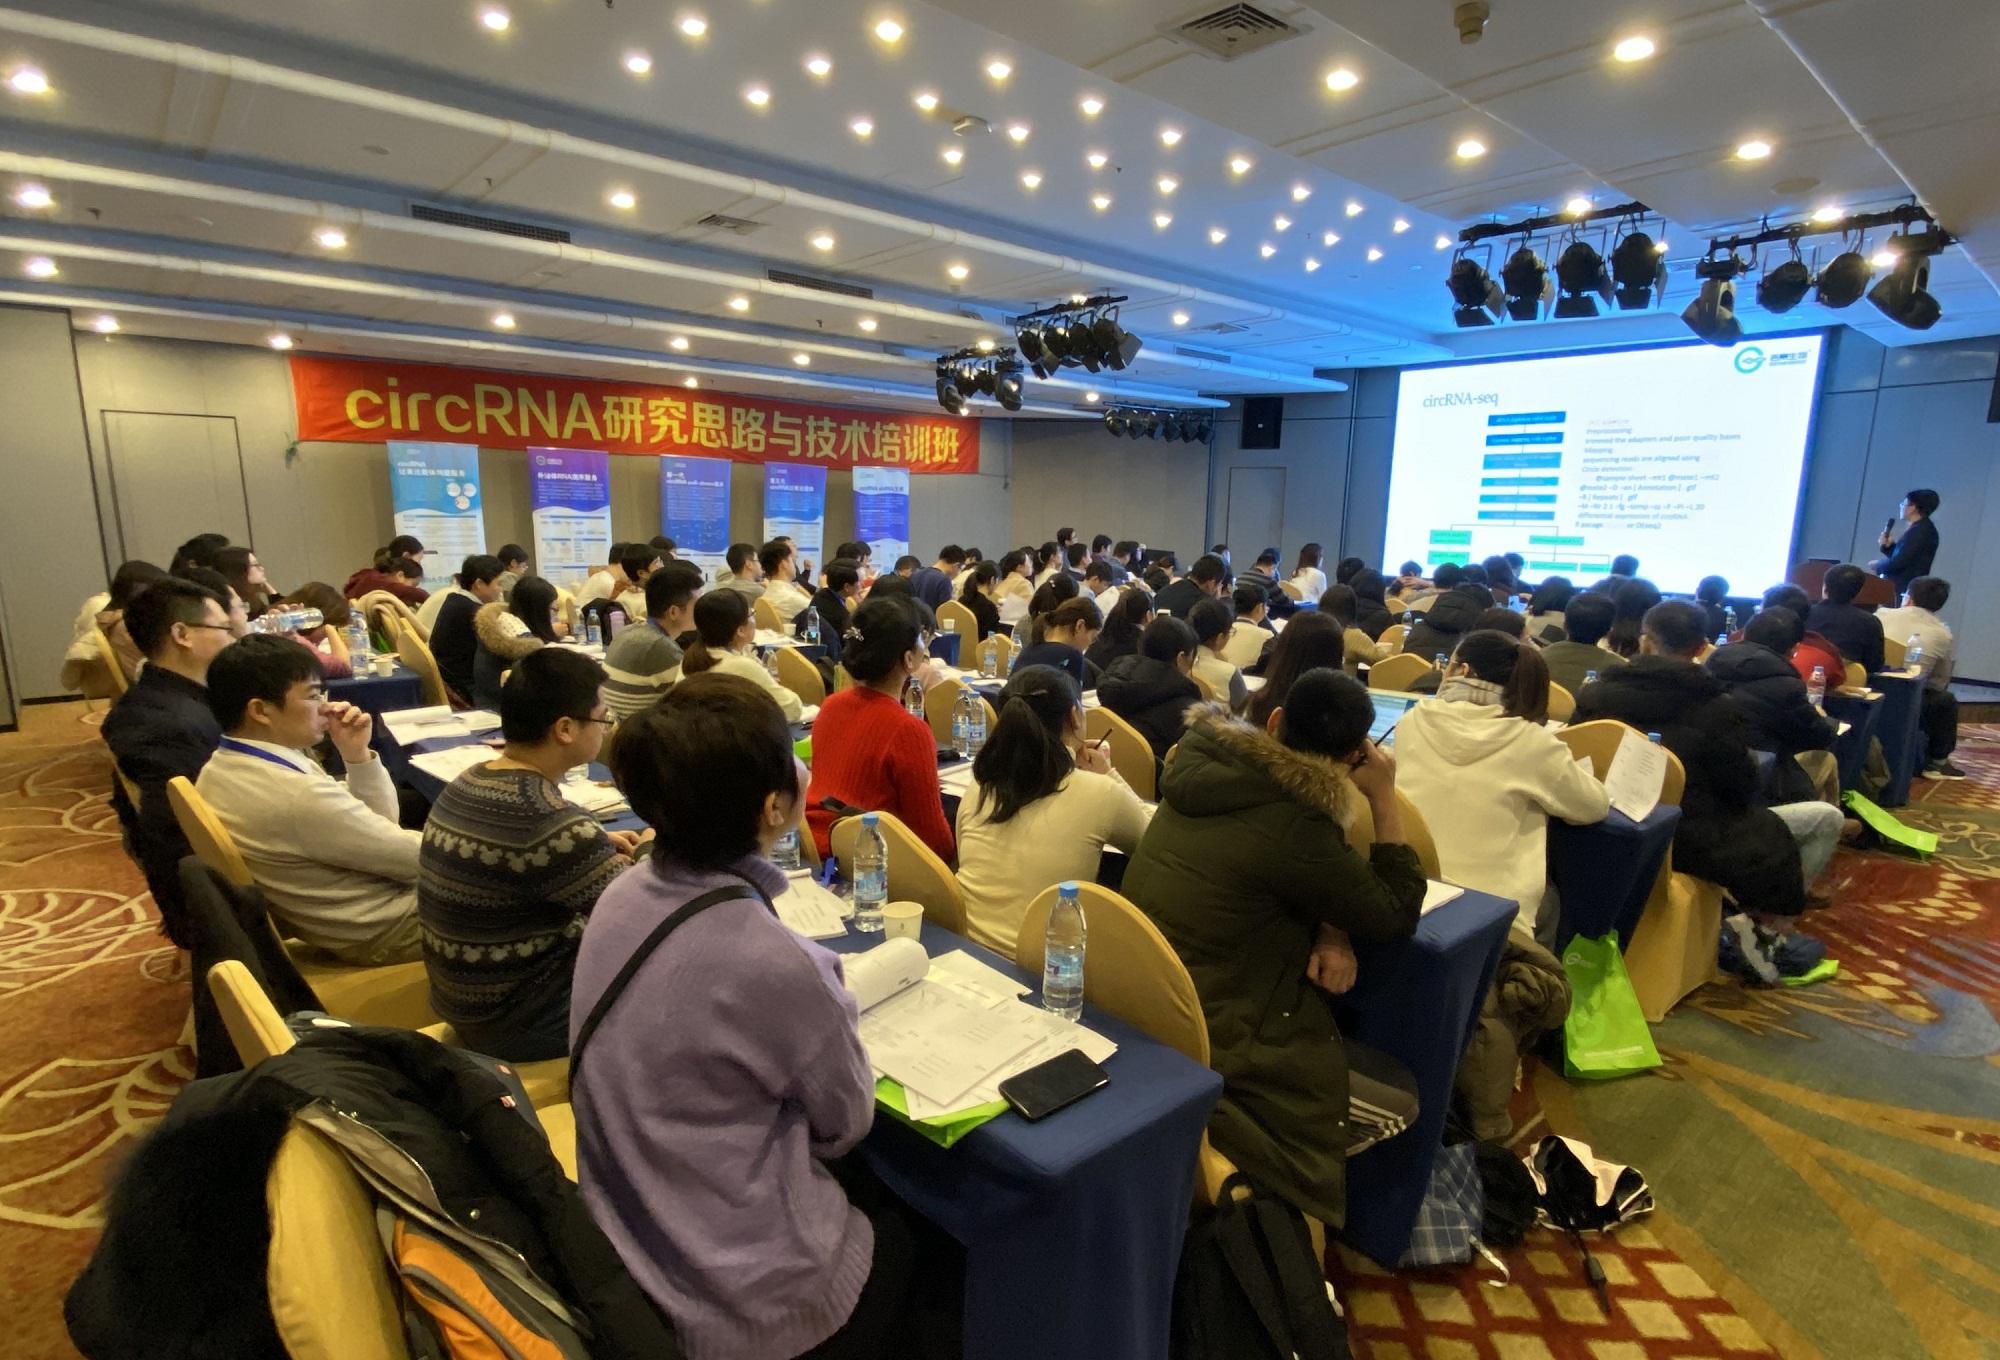 【上海站】圆满结束 | circRNA研究思路与技术培训班